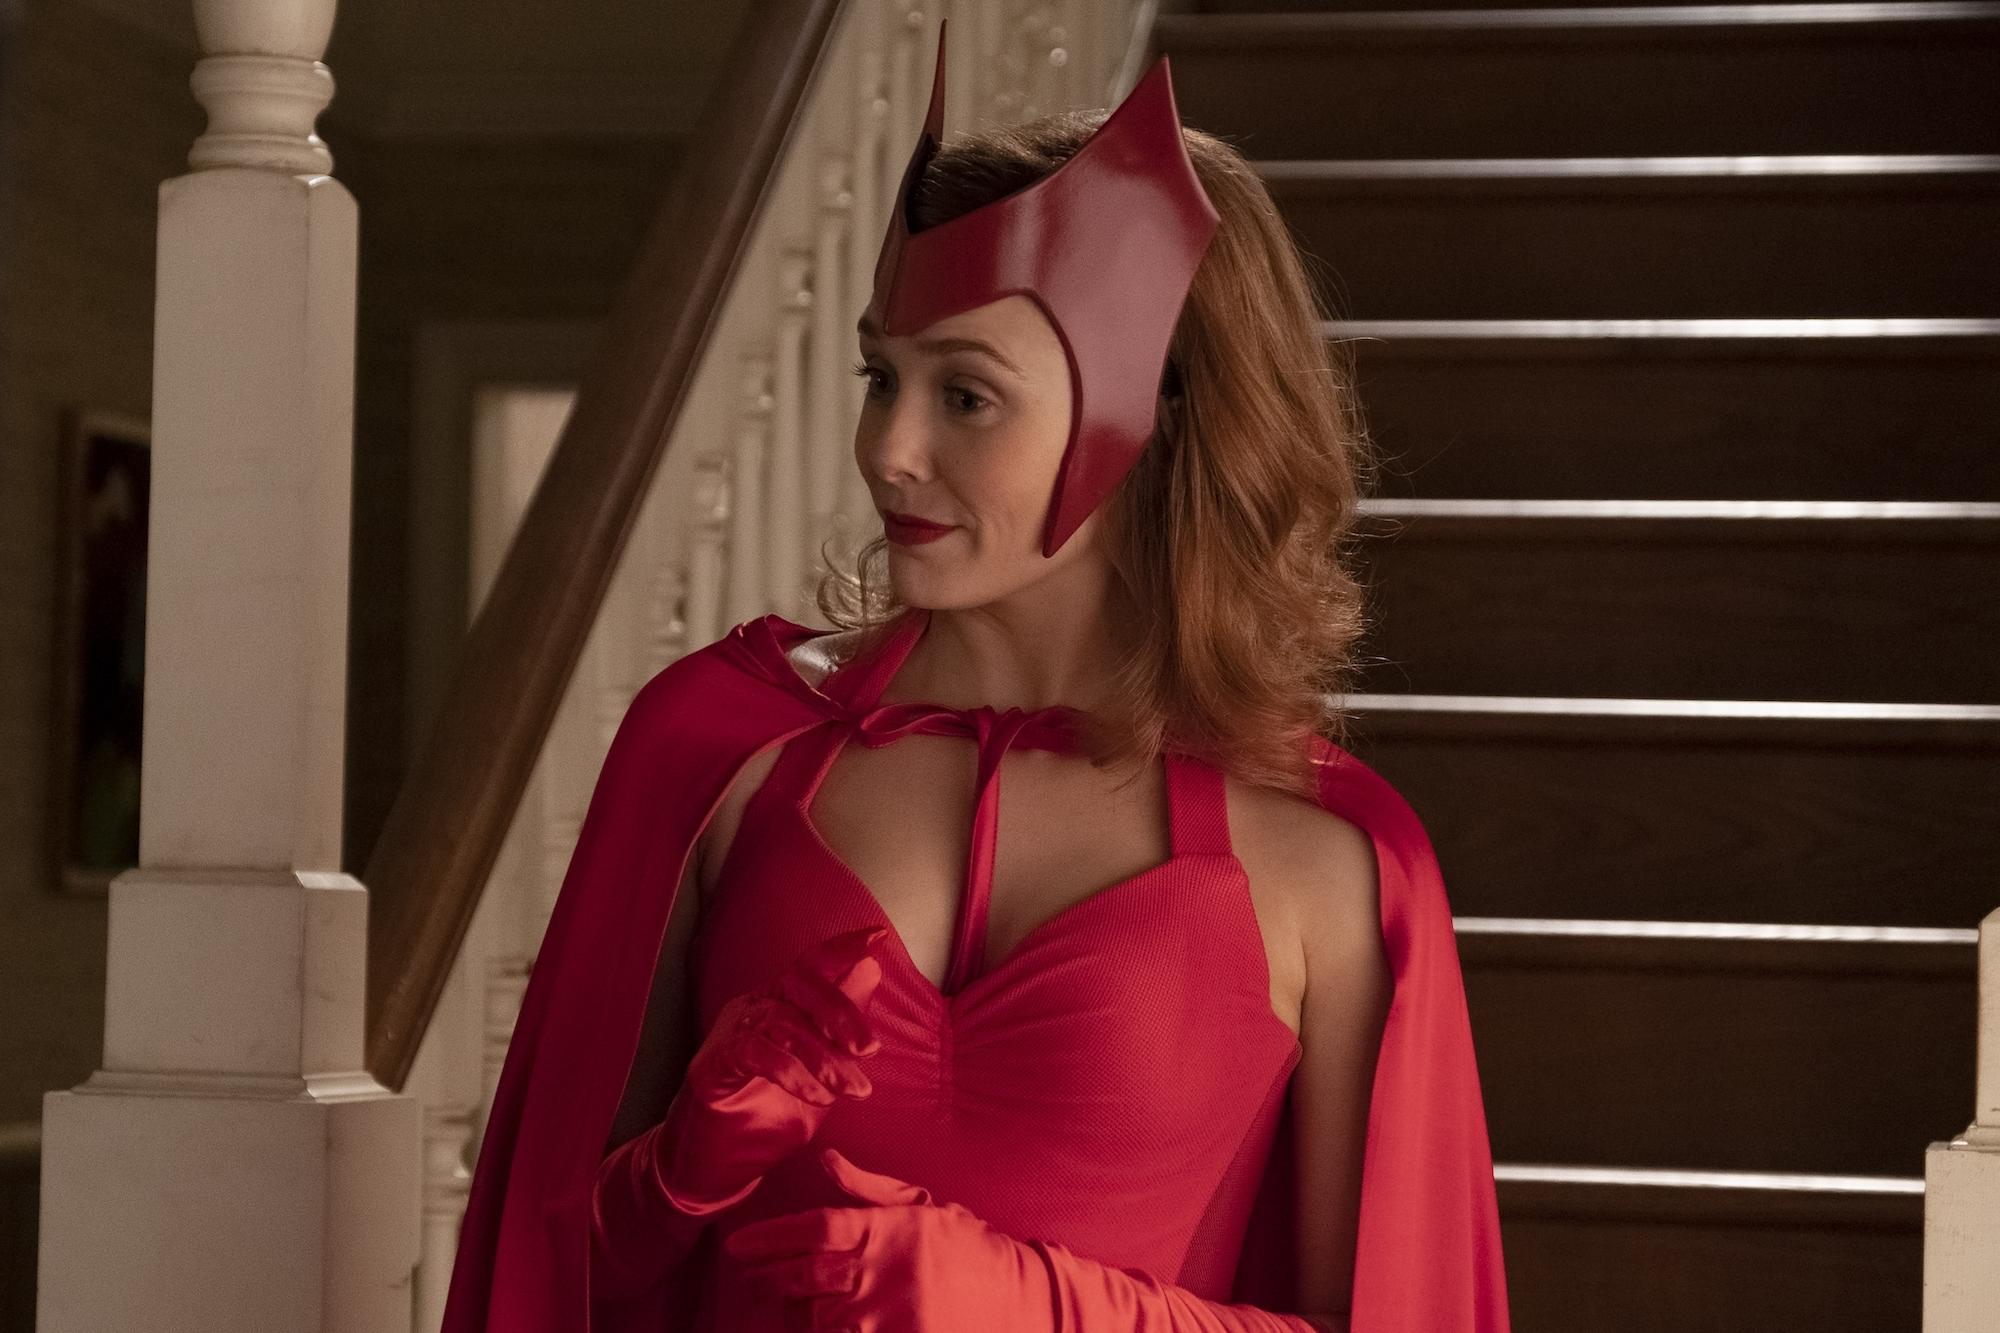 Elizabeth Olsen as Wanda Maximoff in her Halloween costume in 'WandaVision' Episode 6